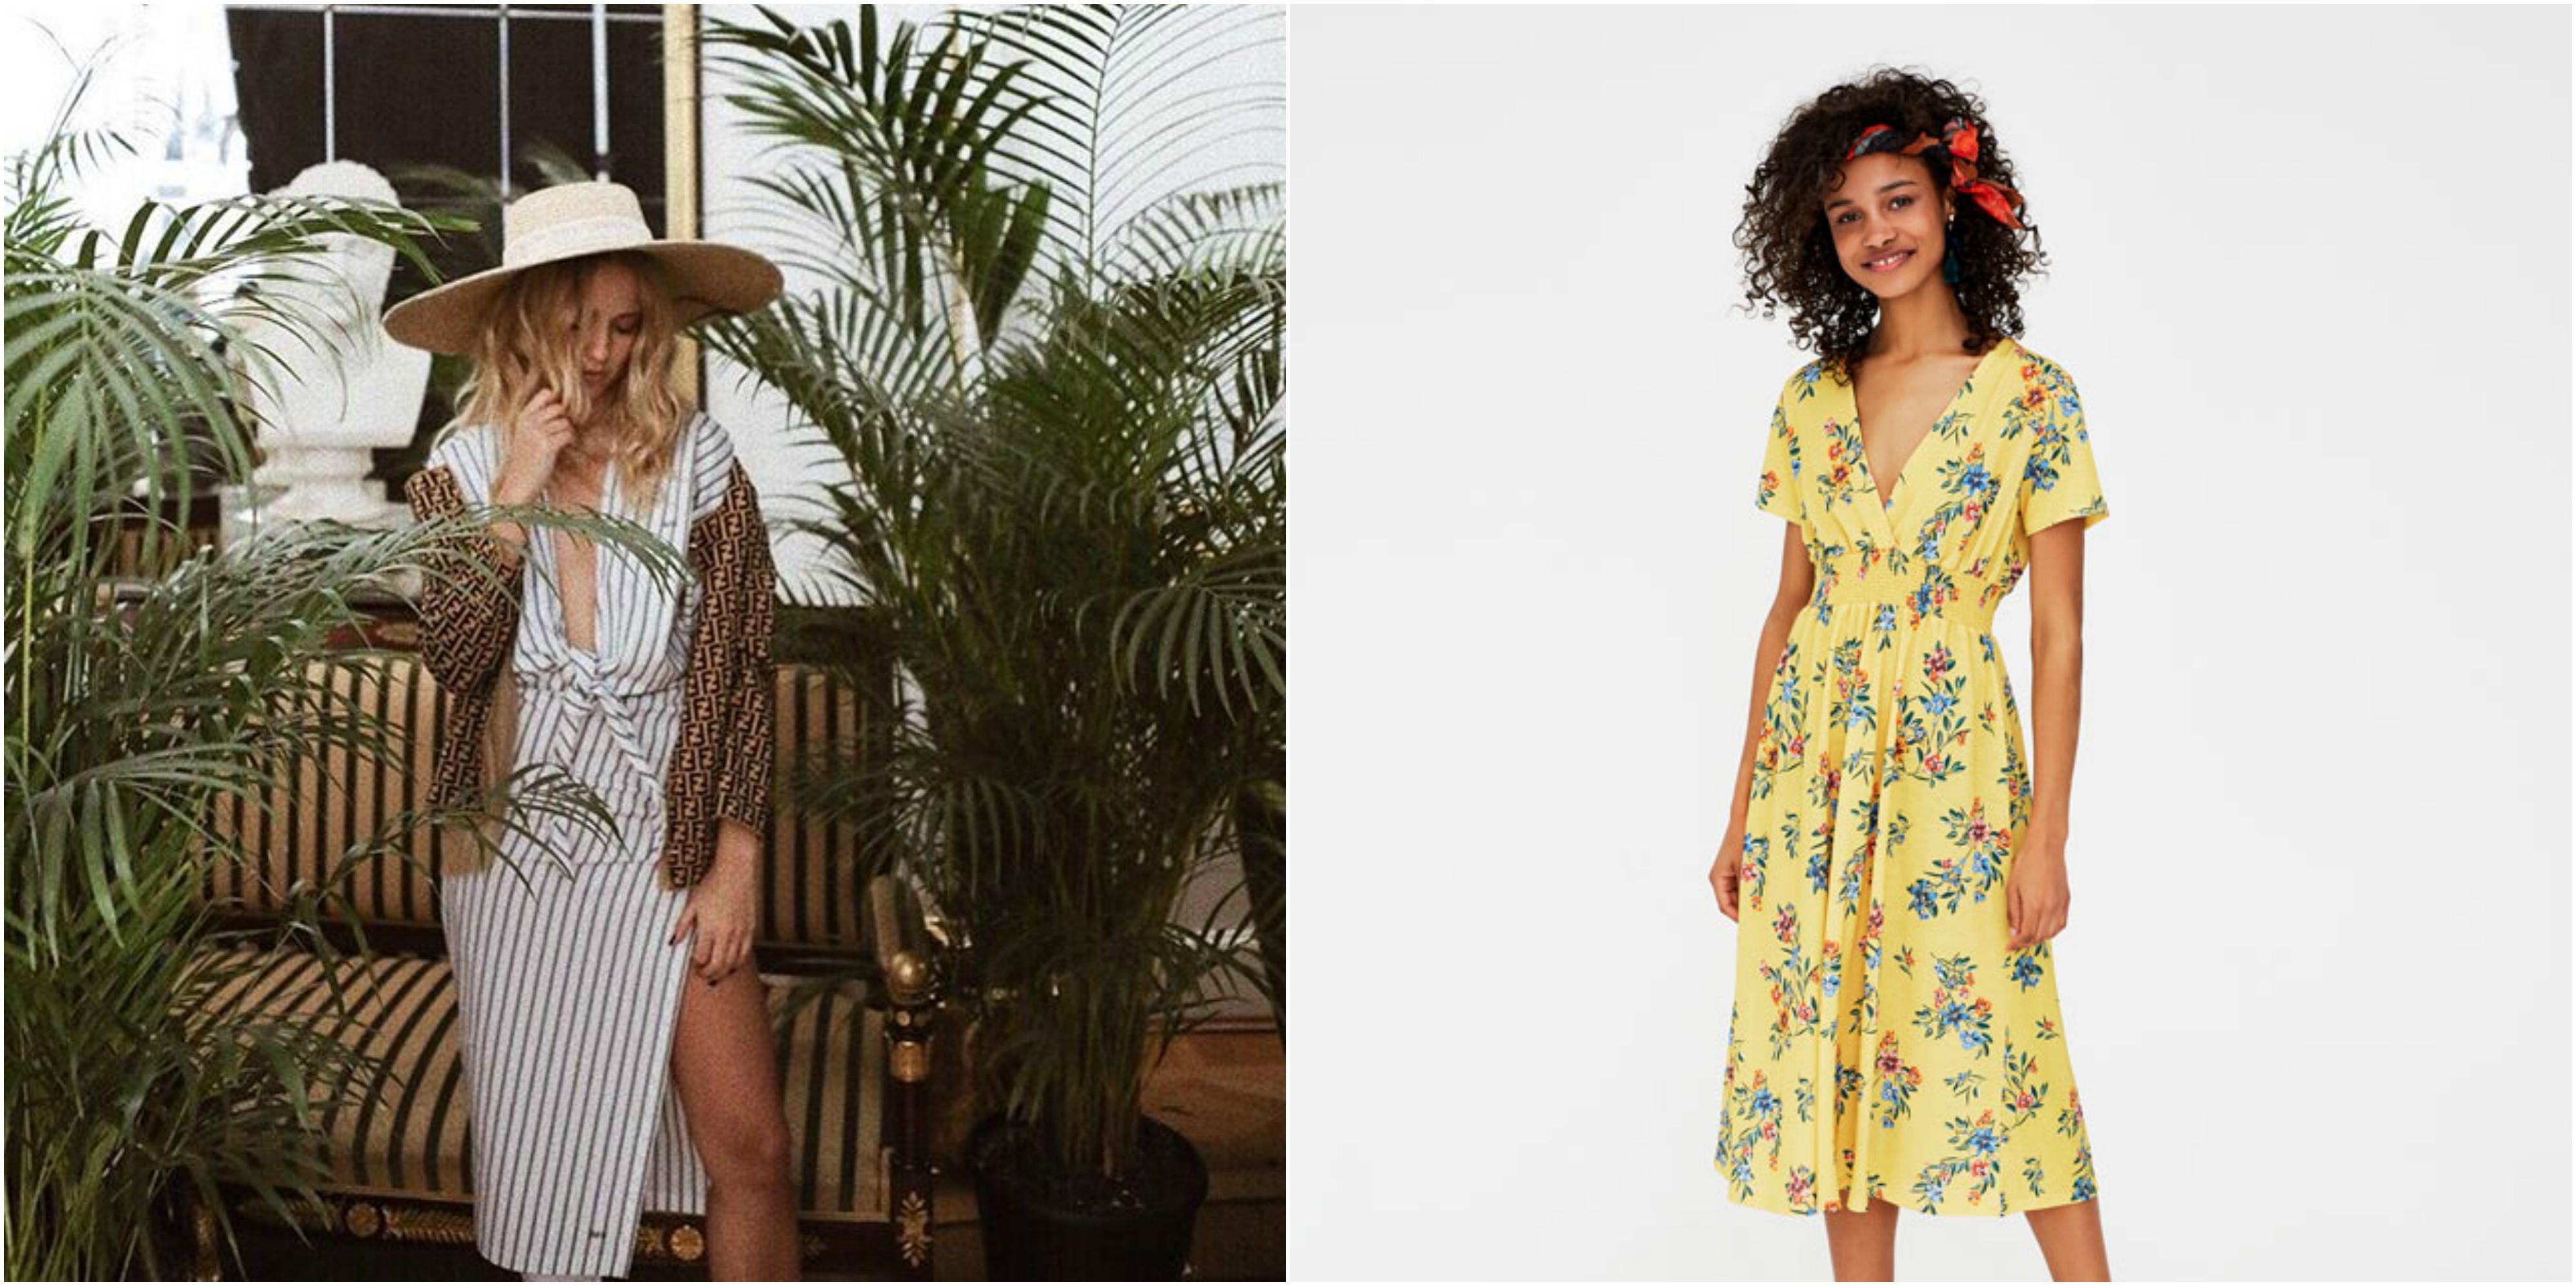 301441ac33 Najpiękniejsze sukienki z sieciówek na wiosnę 2018 - Glamour.pl